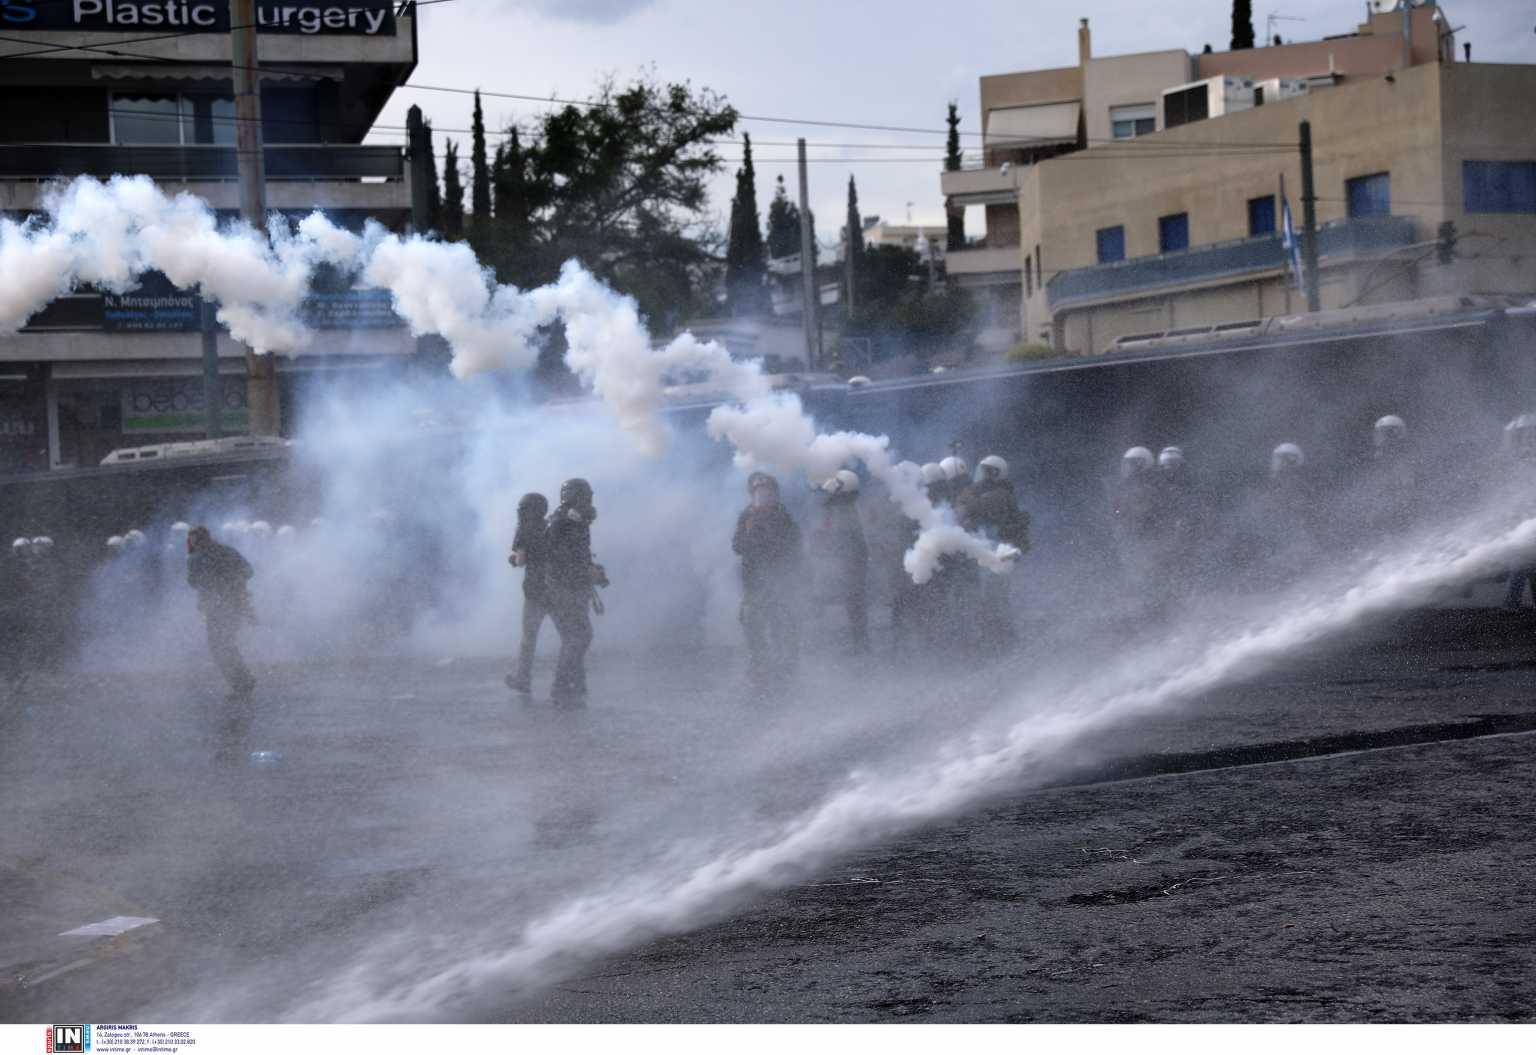 Τρεις συλλήψεις και δύο αστυνομικοί τραυματίες στα επεισόδια έξω από την πρεσβεία του Ισραήλ